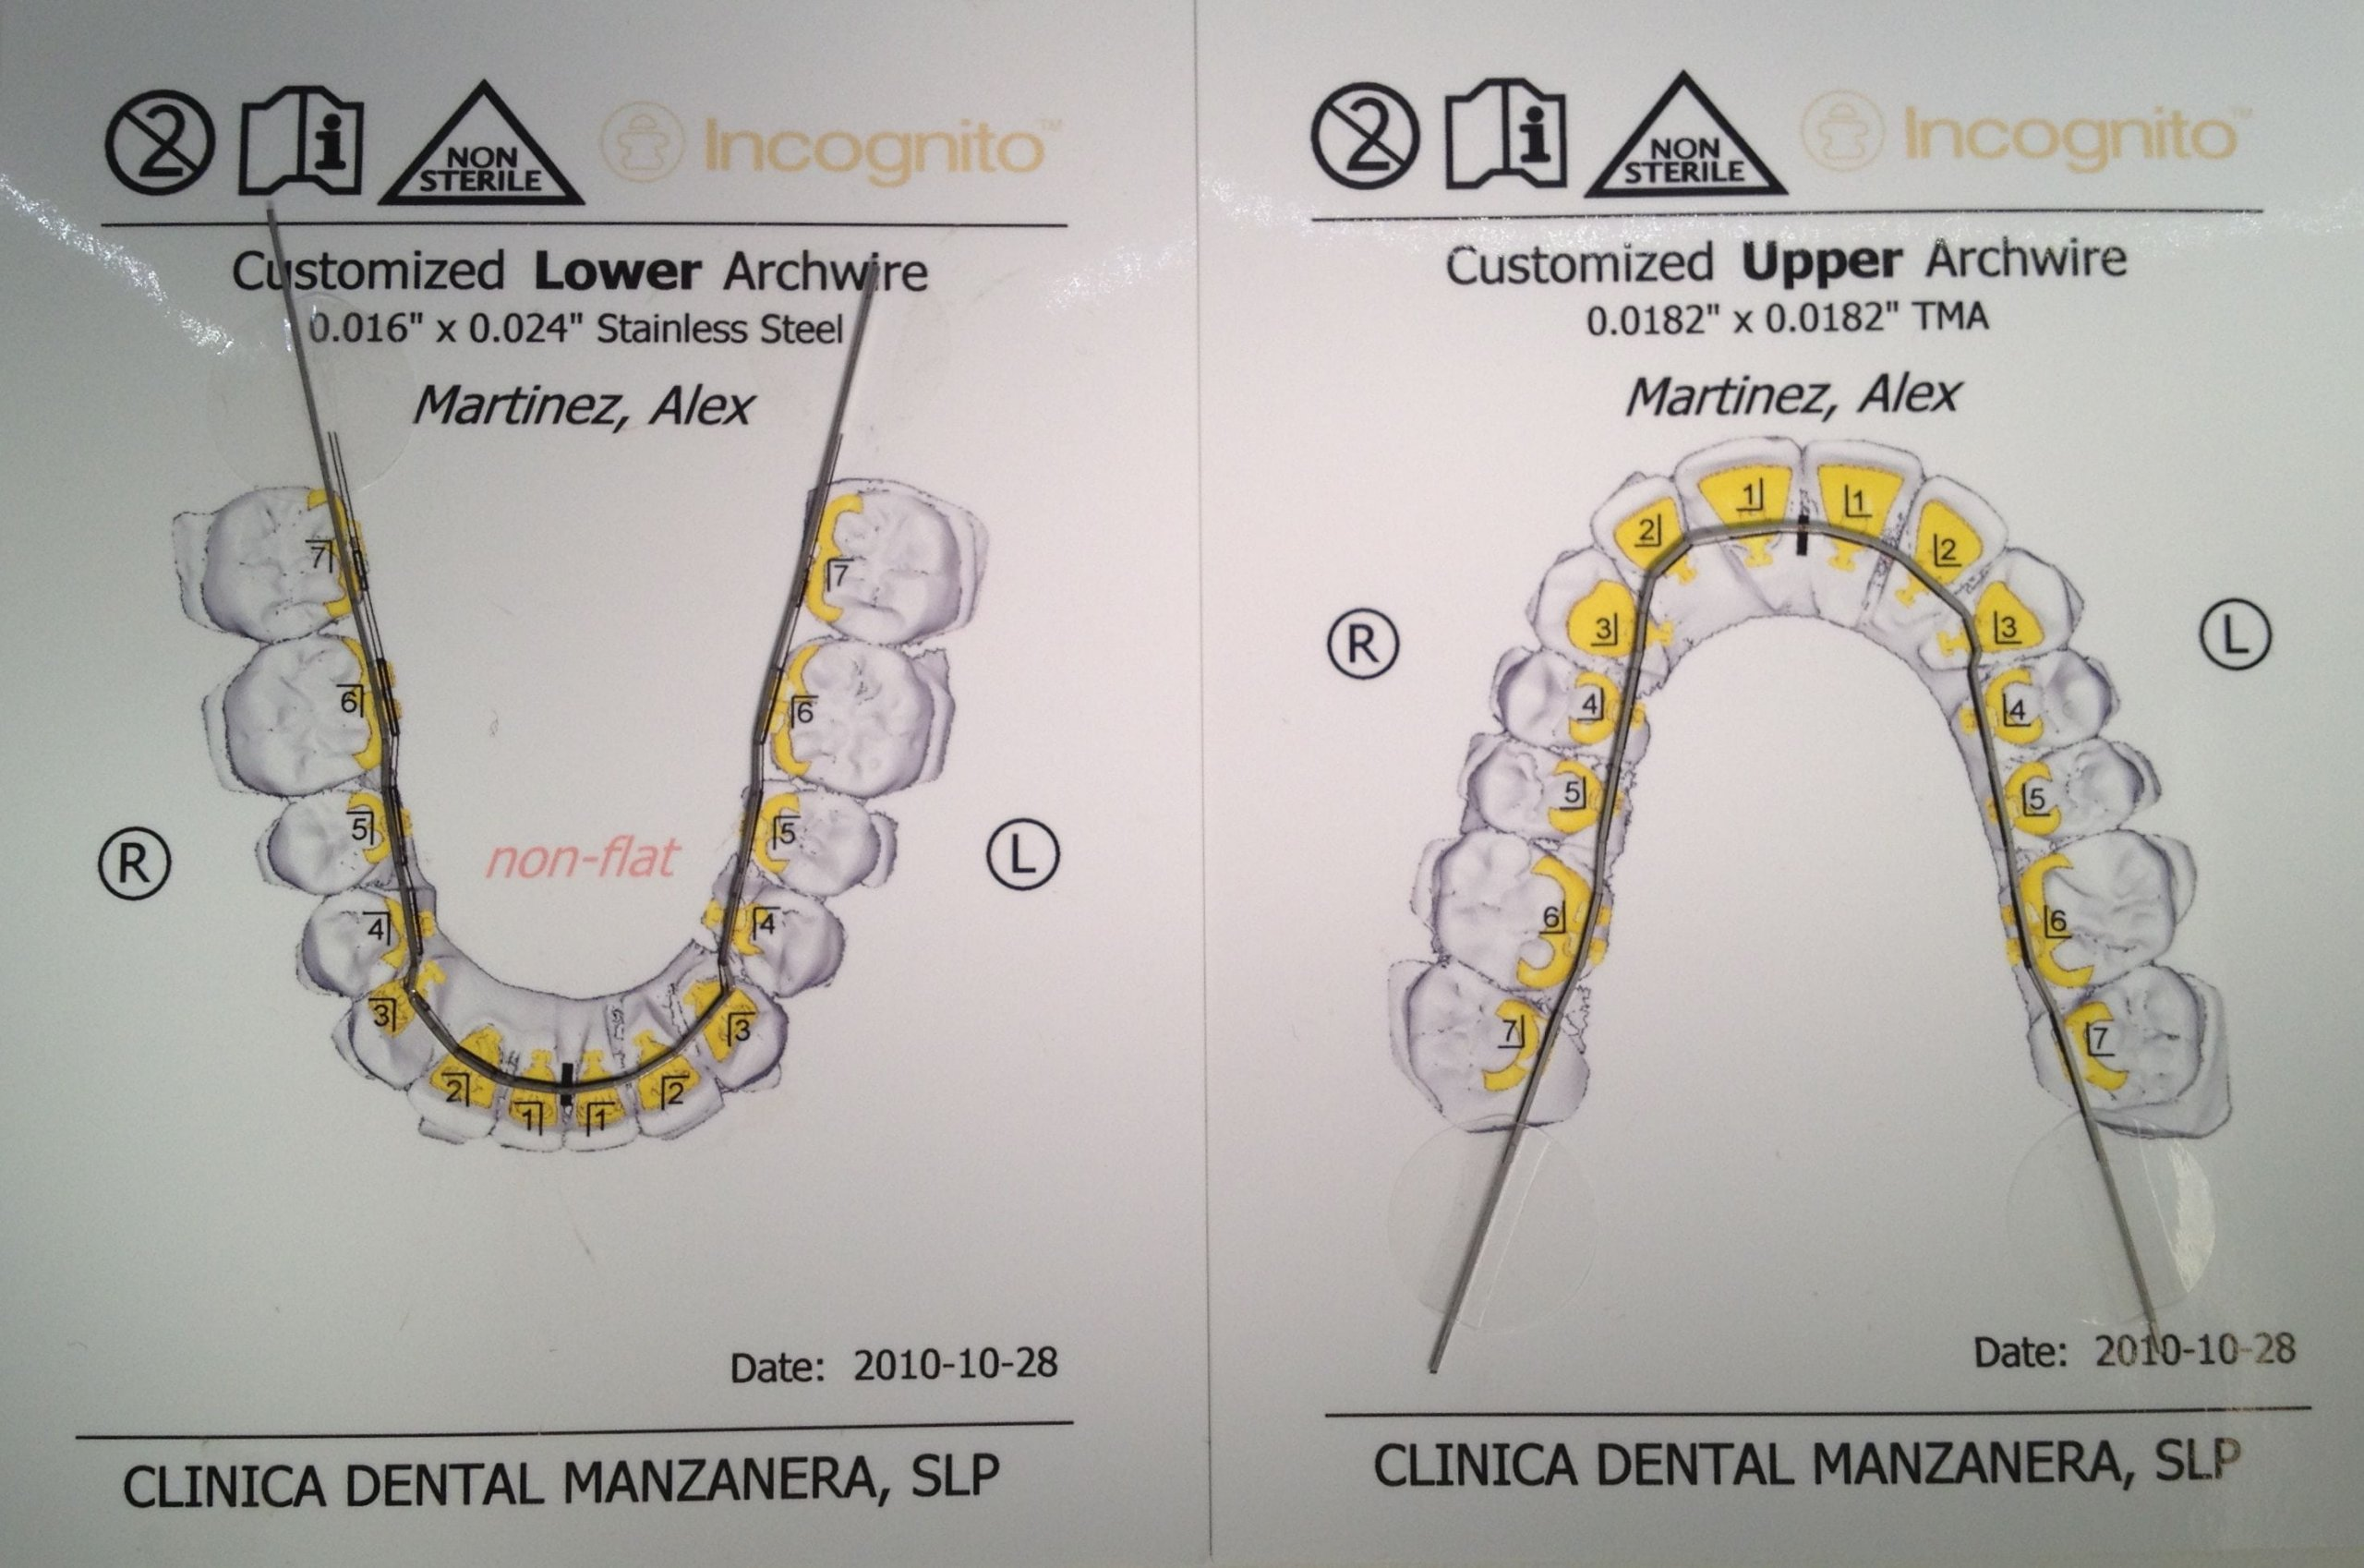 Arcos de ortodoncia lingual